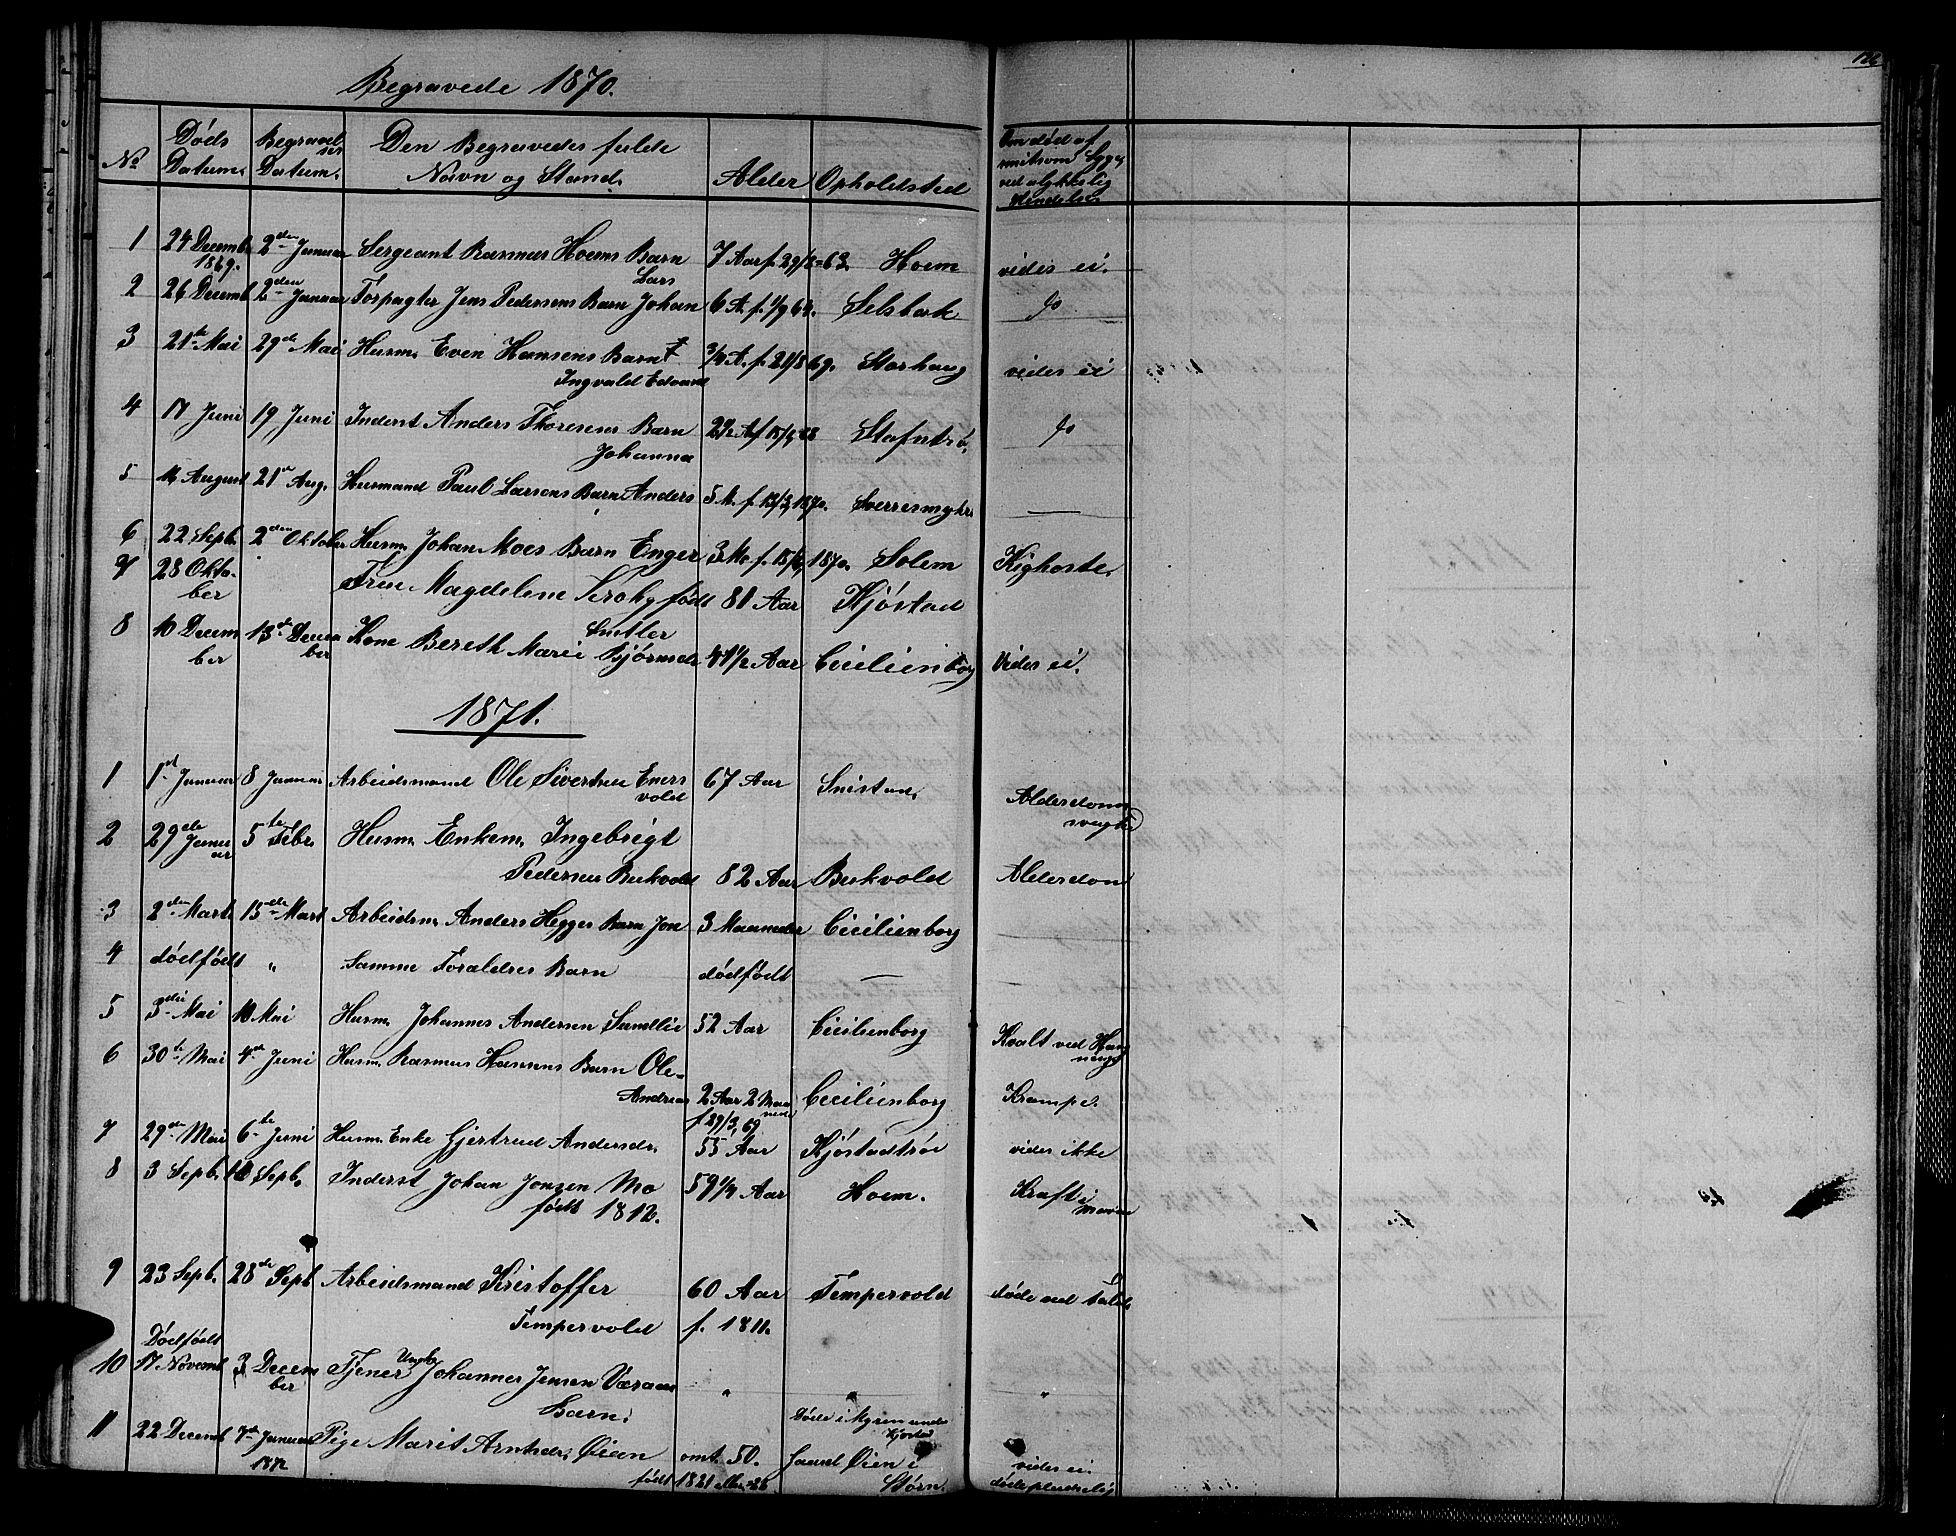 SAT, Ministerialprotokoller, klokkerbøker og fødselsregistre - Sør-Trøndelag, 611/L0353: Klokkerbok nr. 611C01, 1854-1881, s. 126